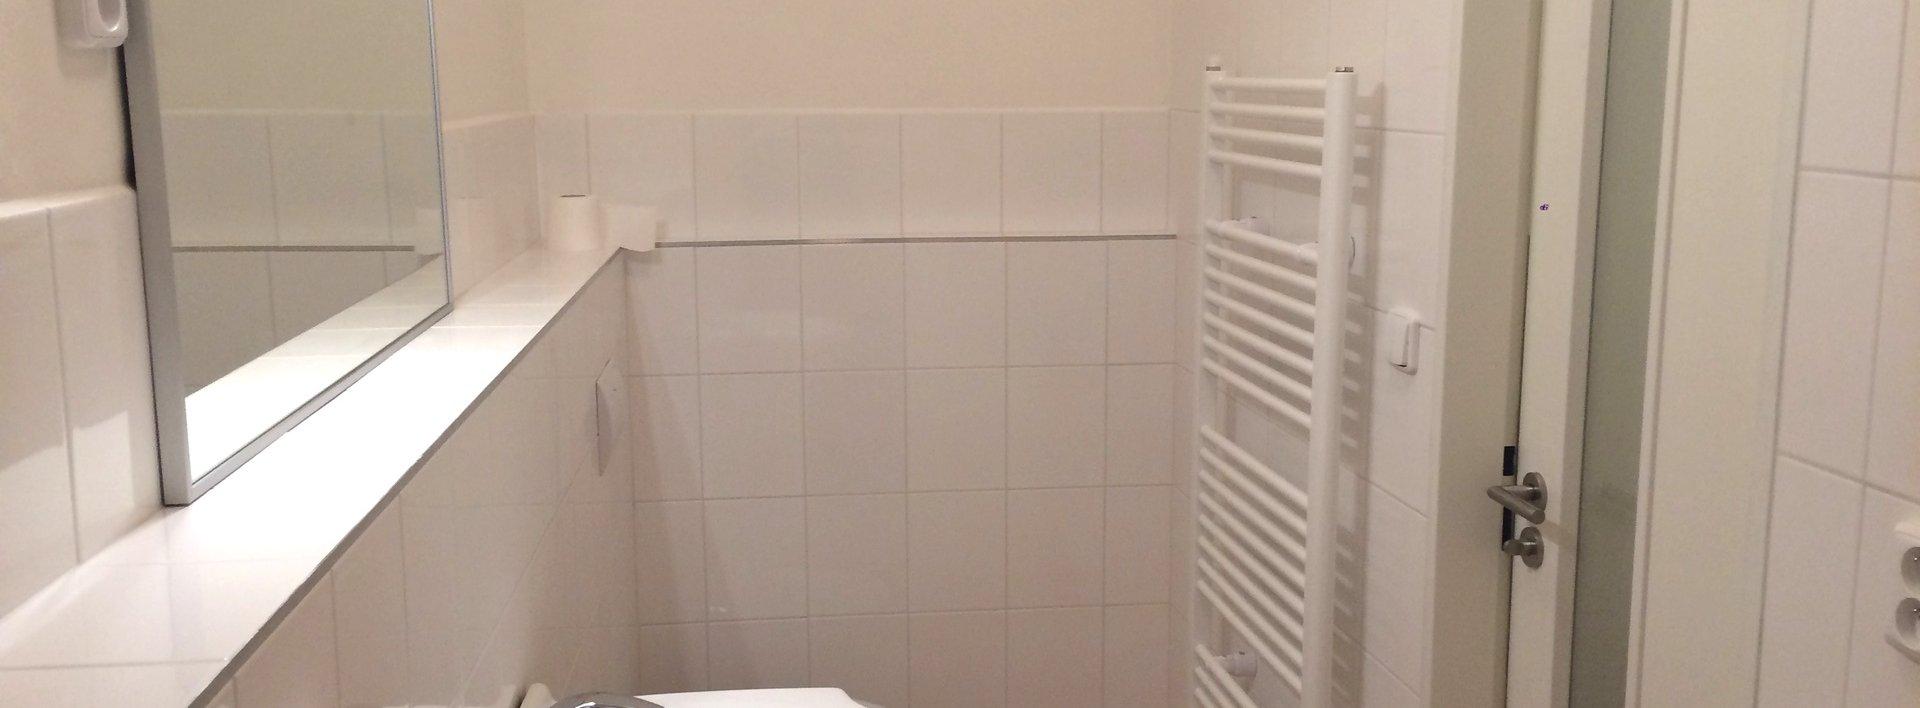 Pronájem bytu 3+1, 75 m² v centru Liberce, ul. Železná, Ev.č.: N49049